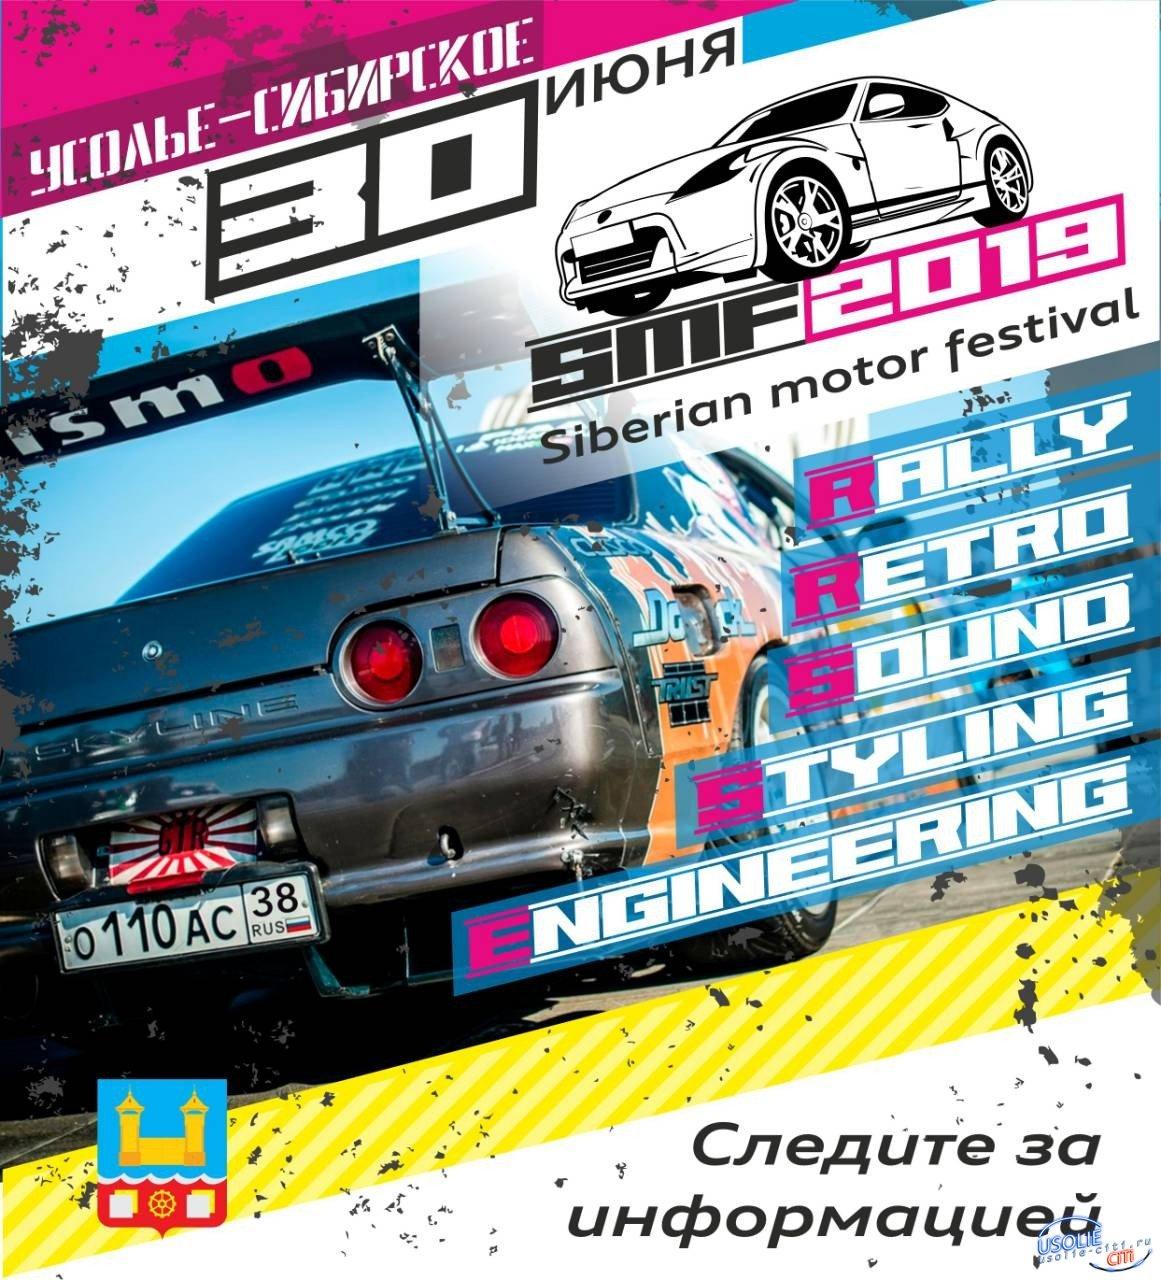 Фестиваль Сибирских моторов SMF и Чемпионат по ралли состоятся в Усолье